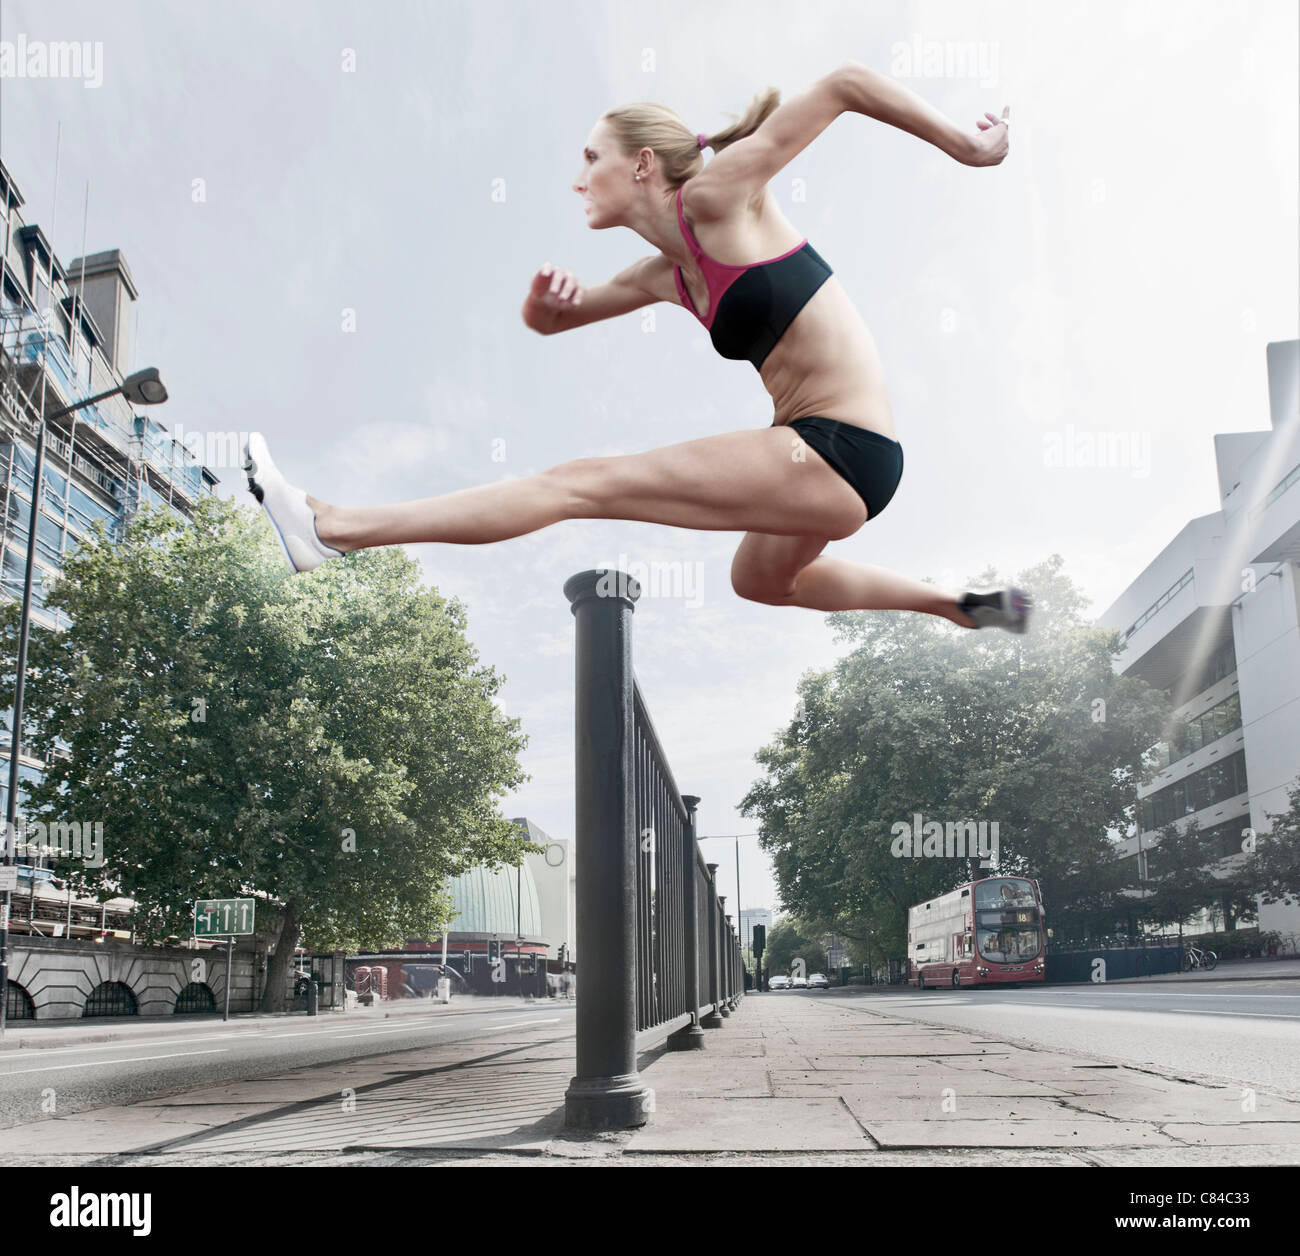 Sautant sur l'athlète Bannister Street Banque D'Images